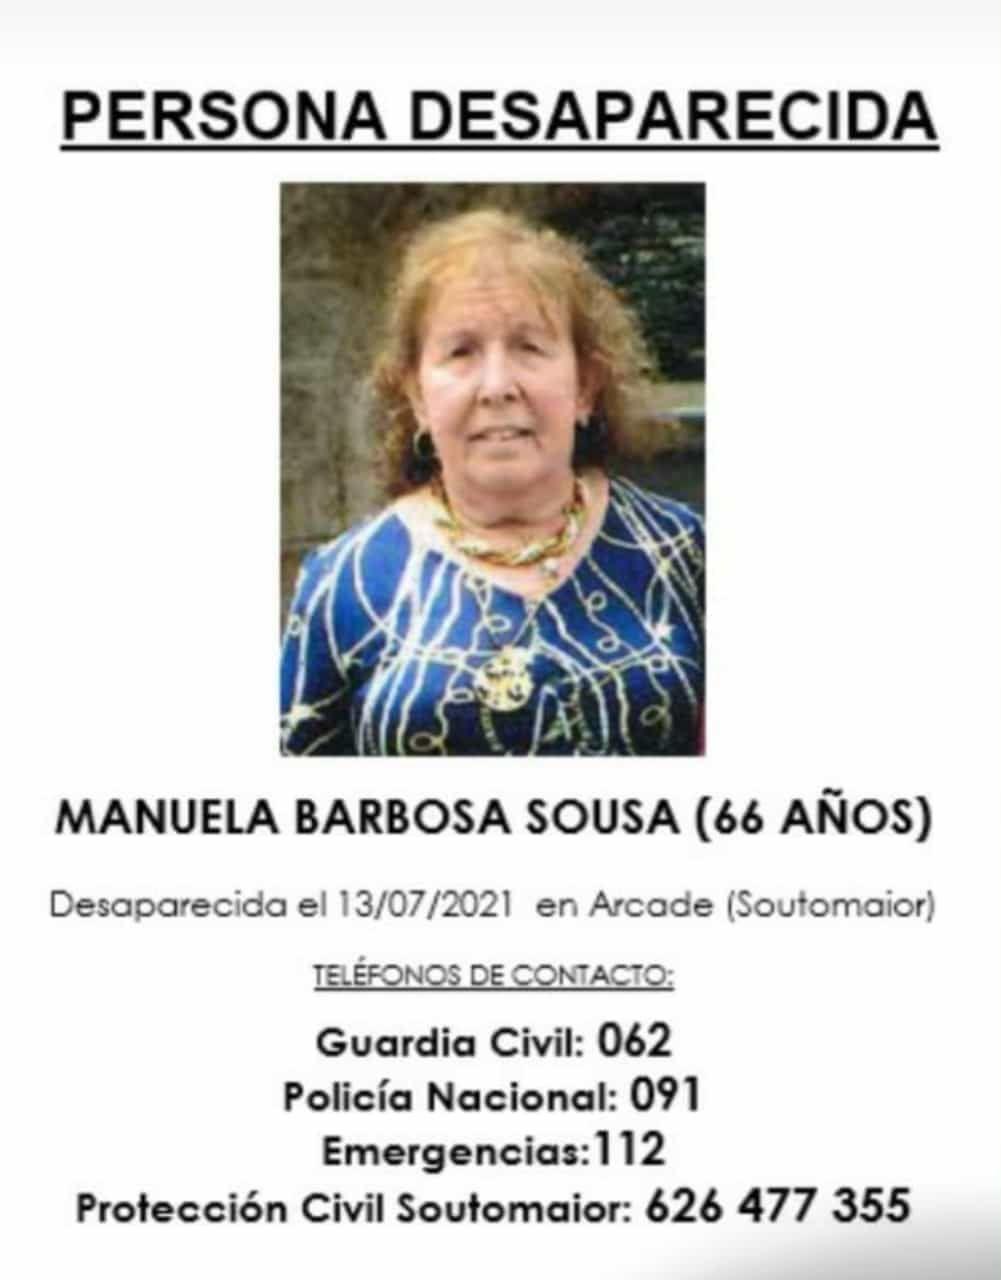 Piden máxima colaboración para localizar a Manuela Barbosa, desaparecida una semana